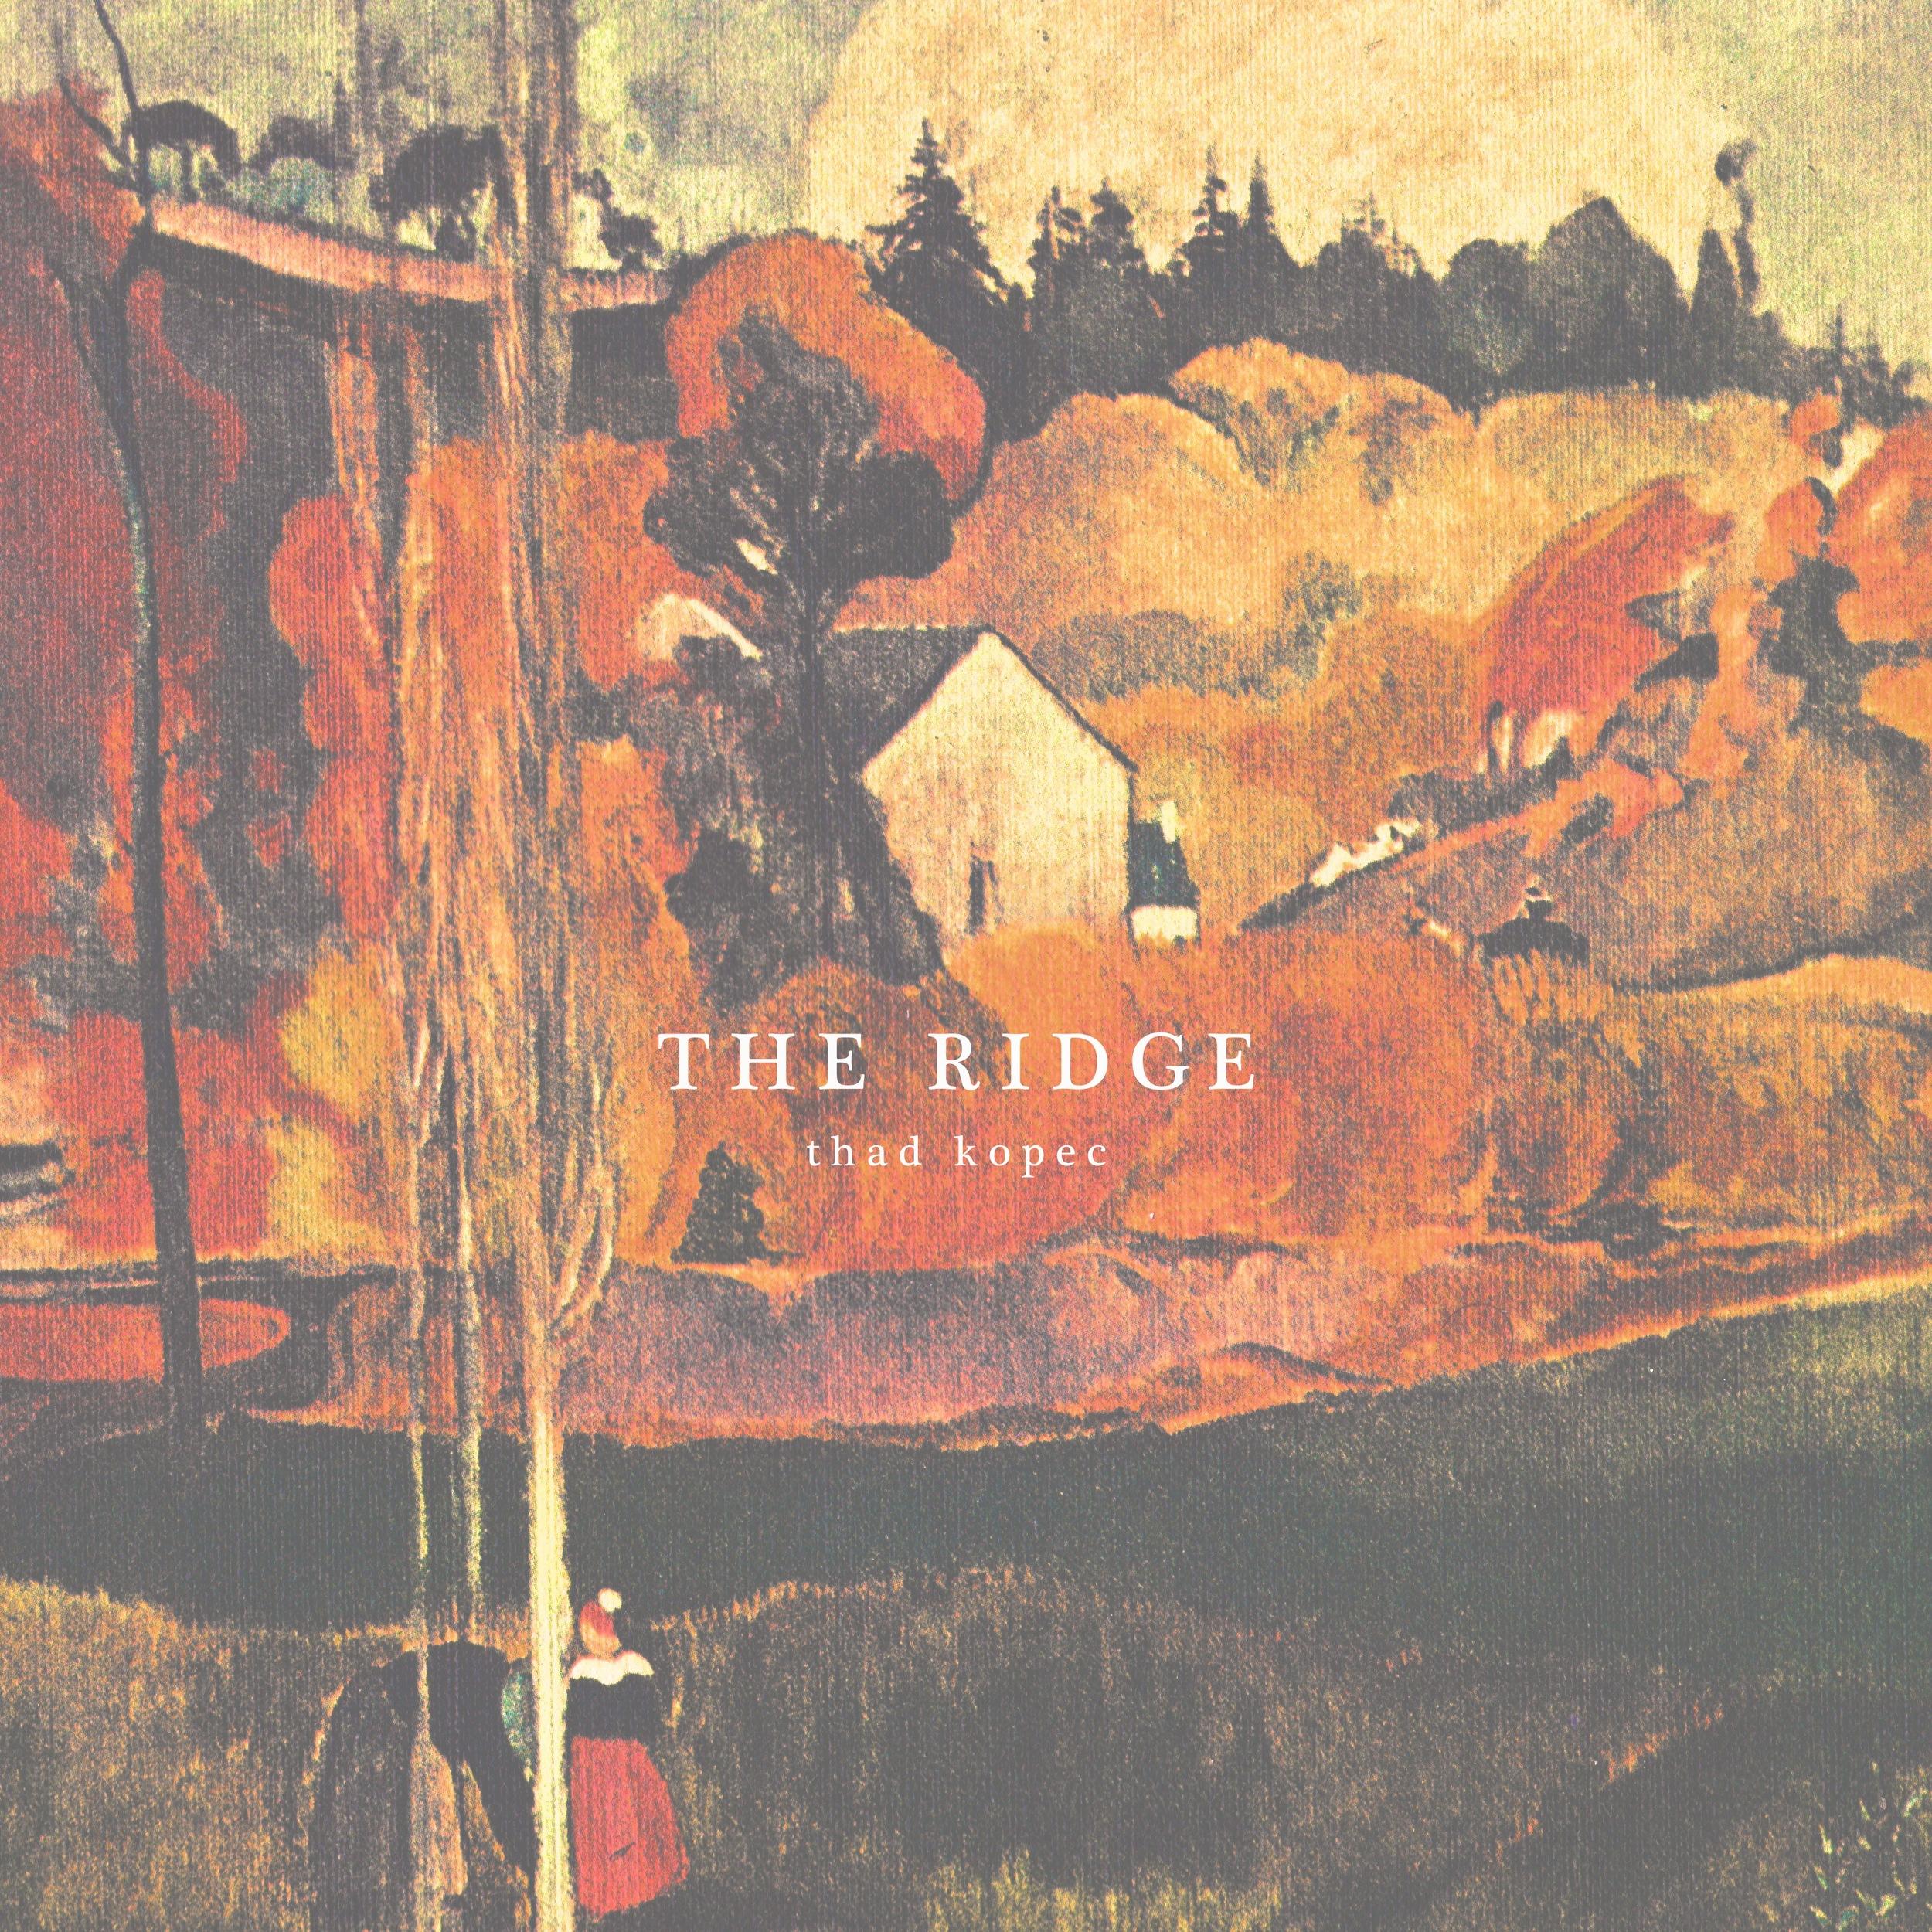 The Ridge Album Art Low Res.jpg